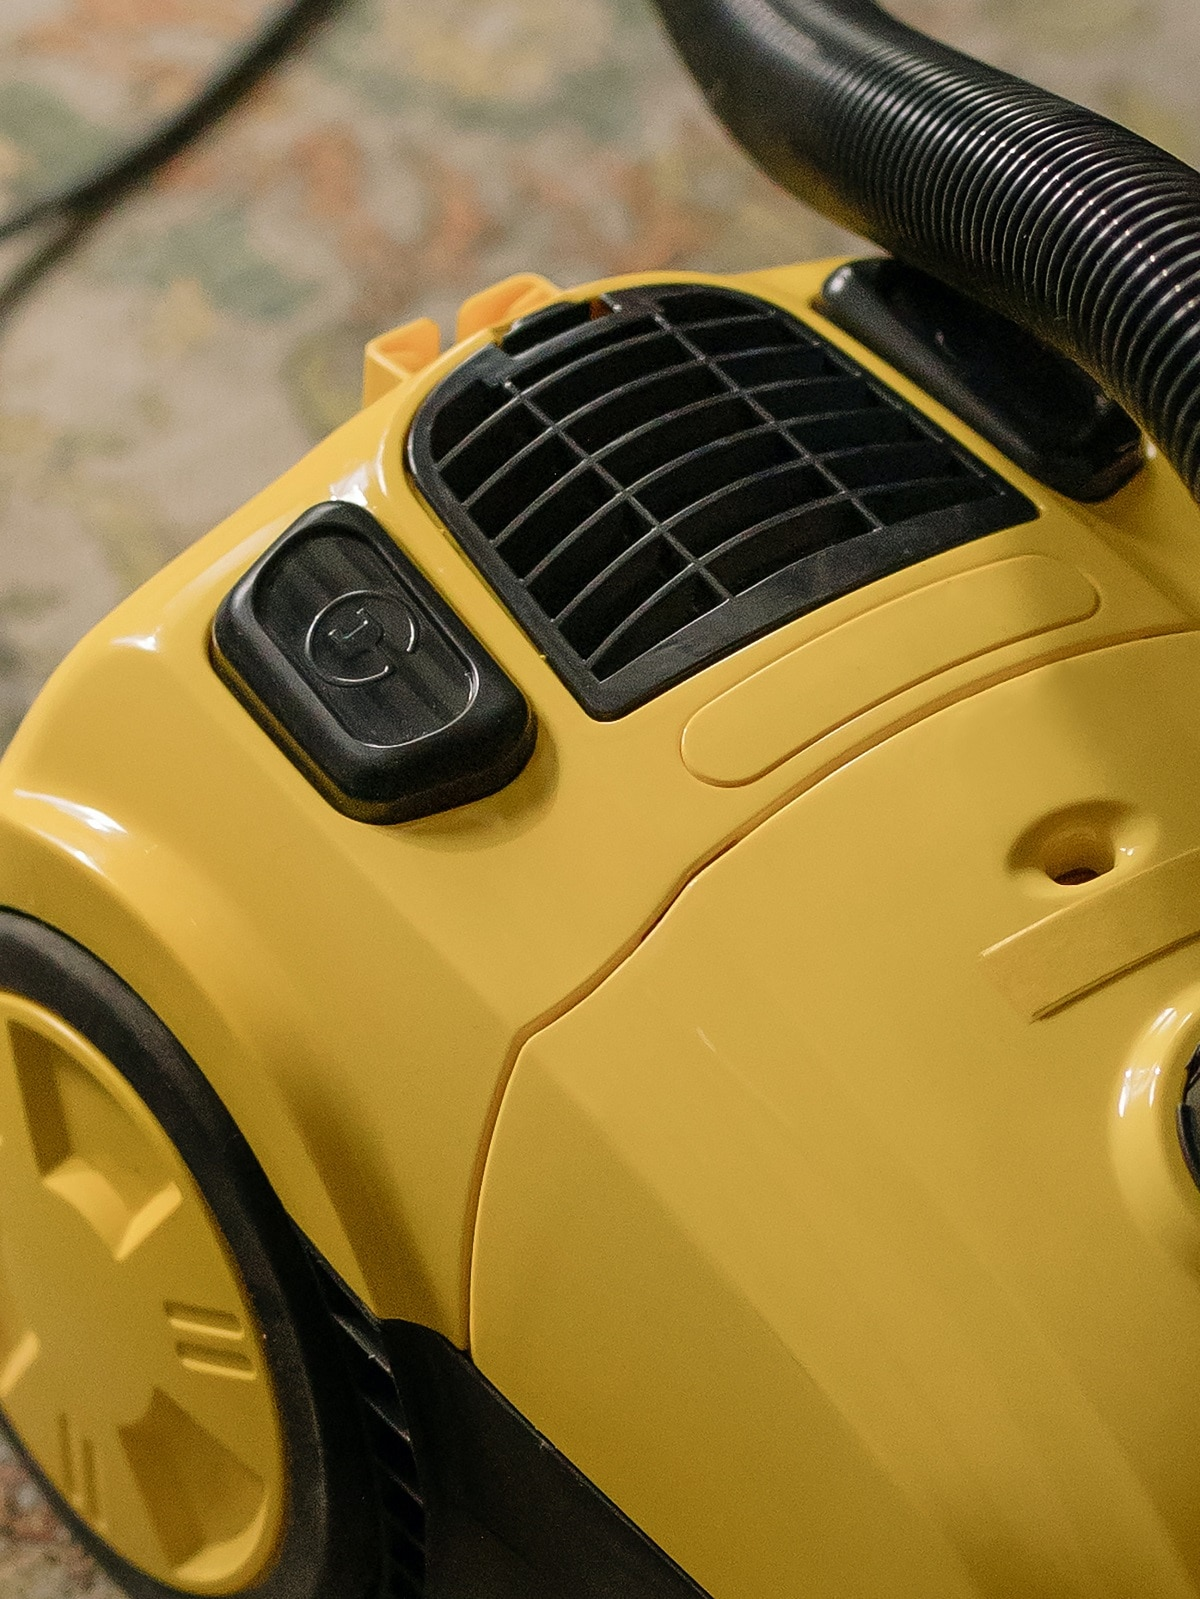 Пылесос работает, но перестает всасывать пыль — почему происходит